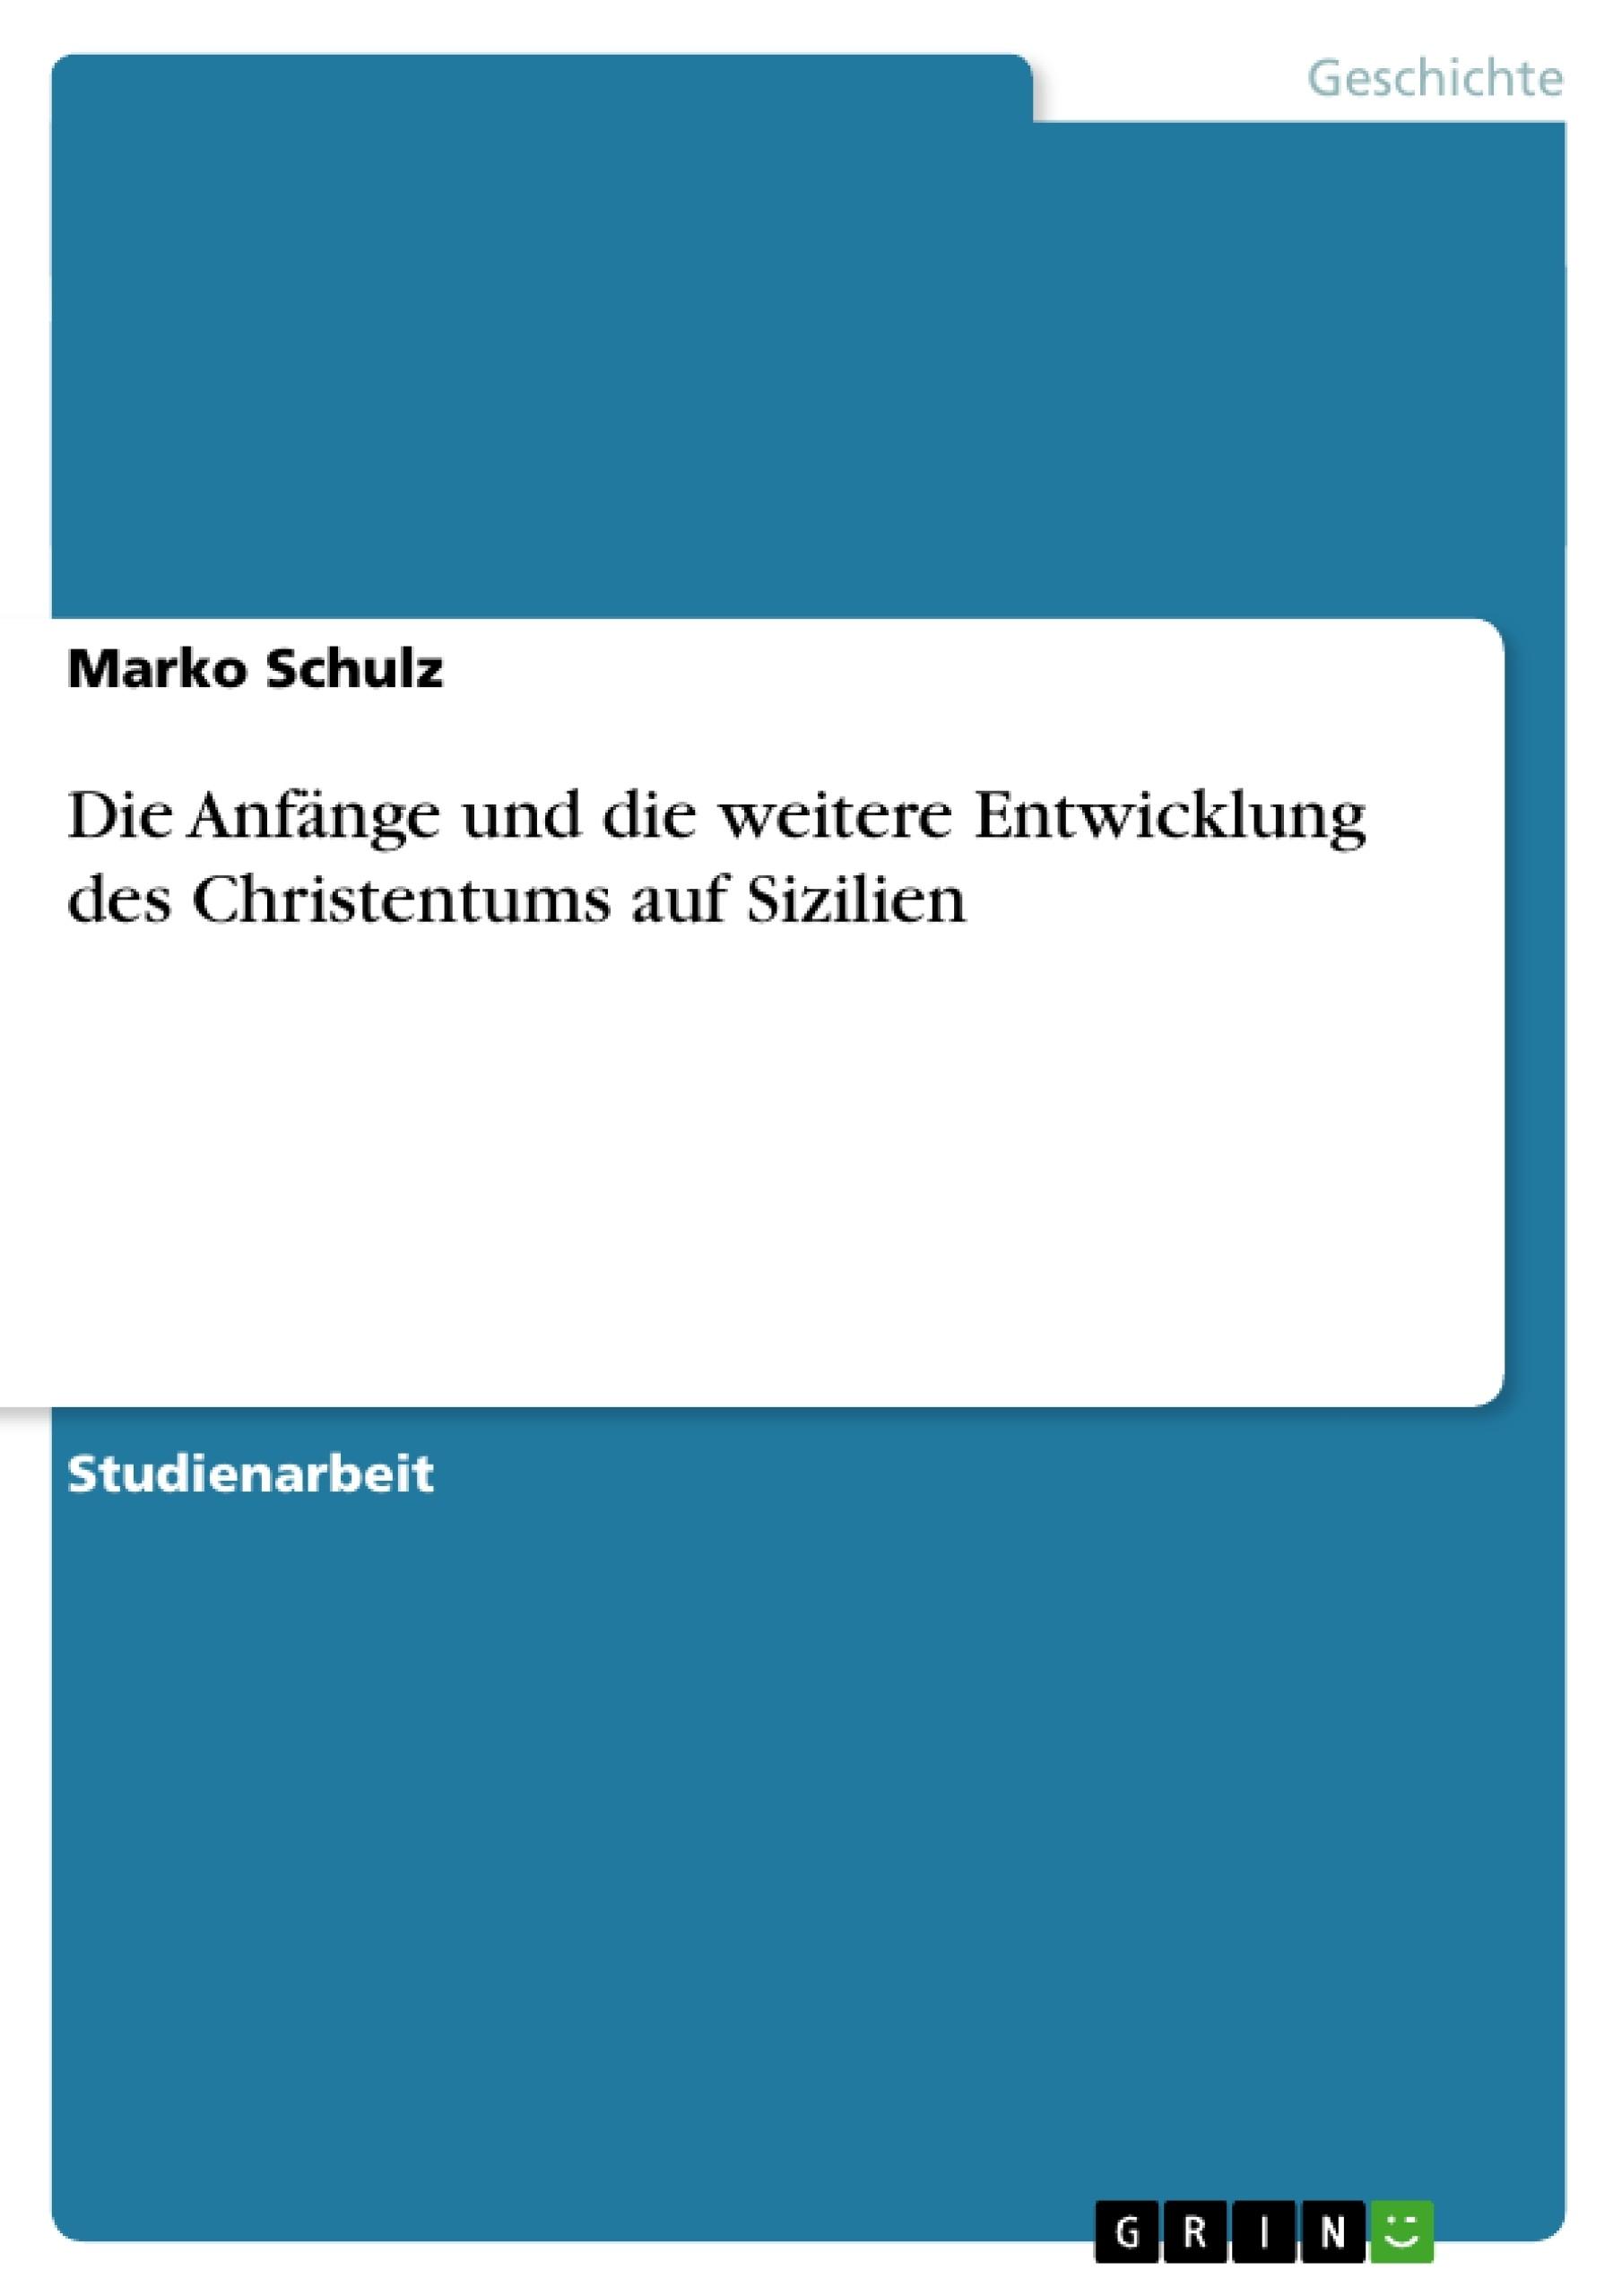 Titel: Die Anfänge und die weitere Entwicklung des Christentums auf Sizilien